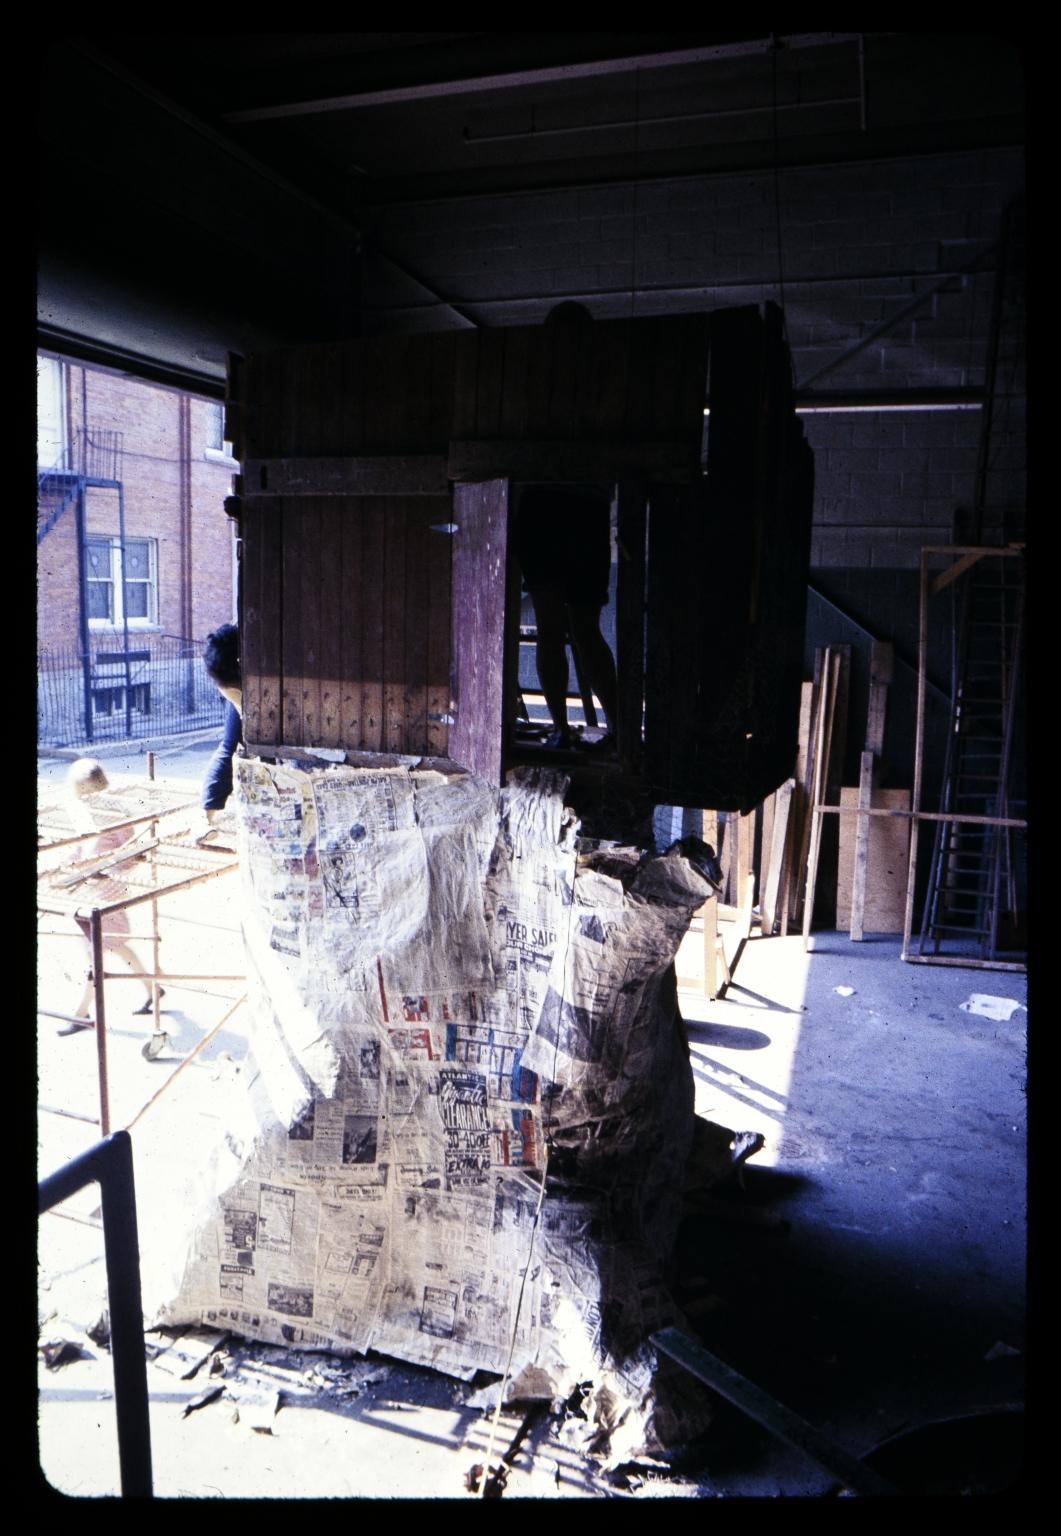 Papier mache construction